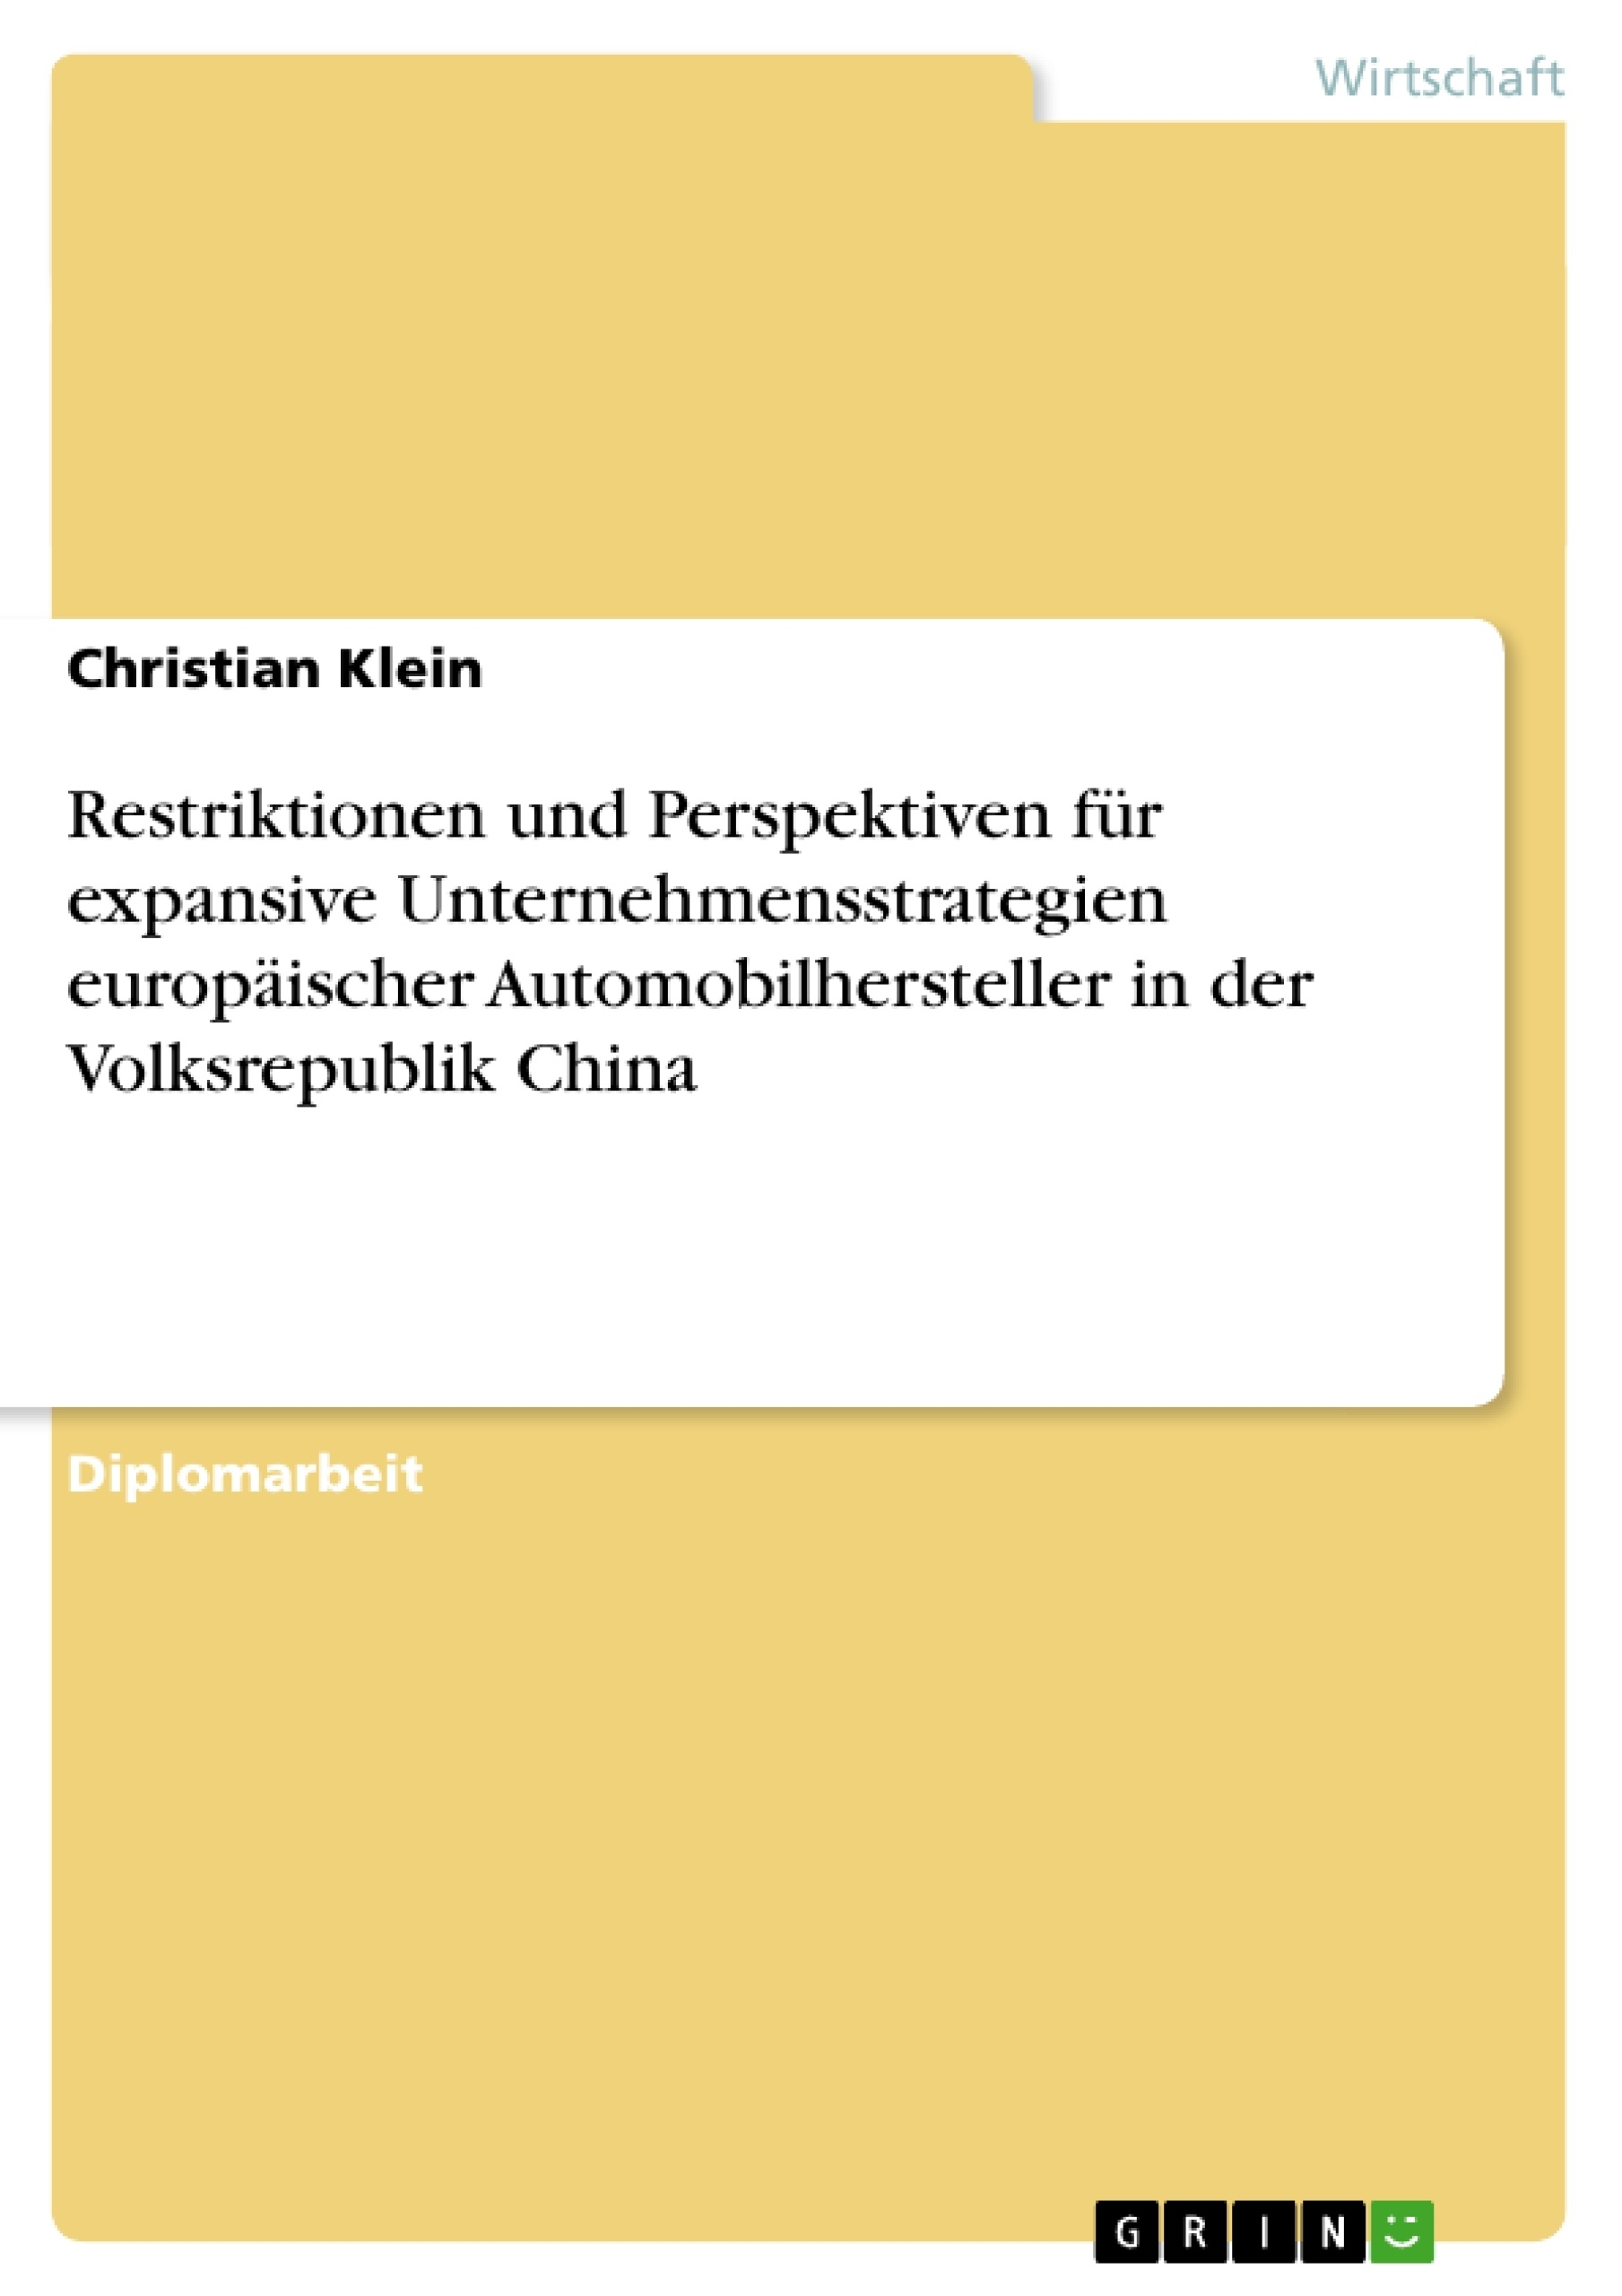 Titel: Restriktionen und Perspektiven für expansive Unternehmensstrategien europäischer Automobilhersteller in der Volksrepublik China